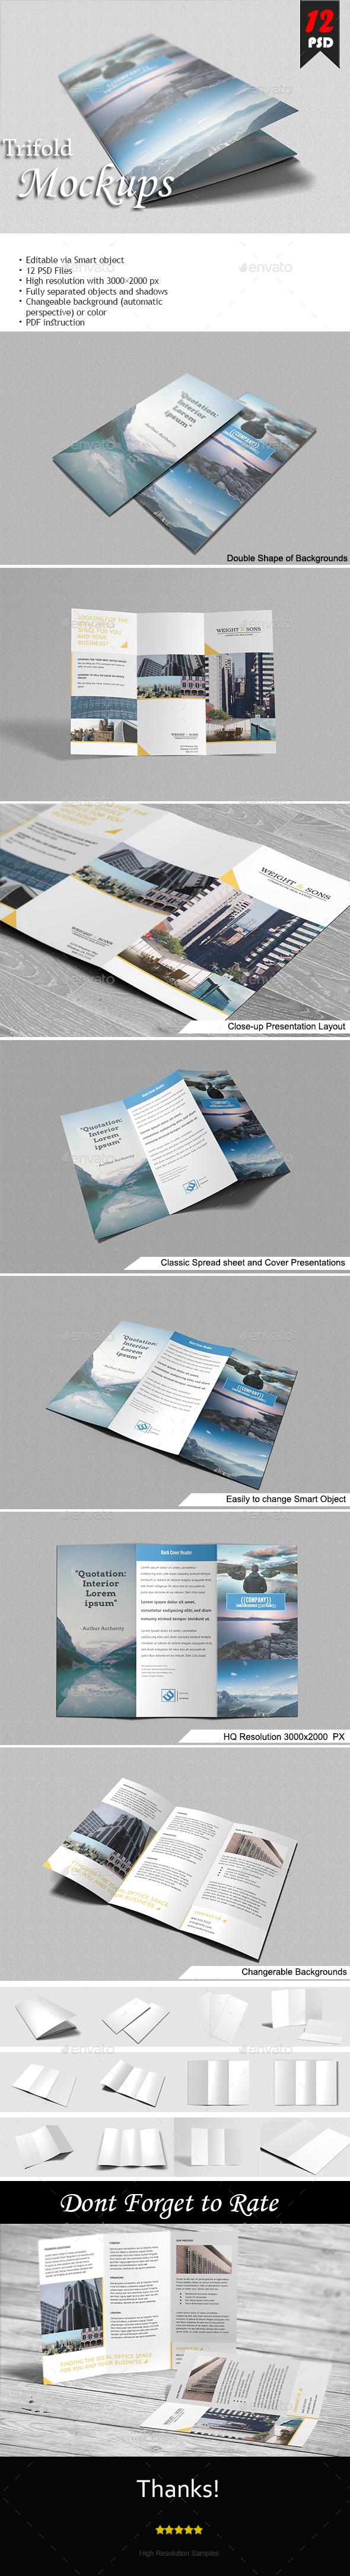 Trifold Brochure Mock-Up - Brochures Print